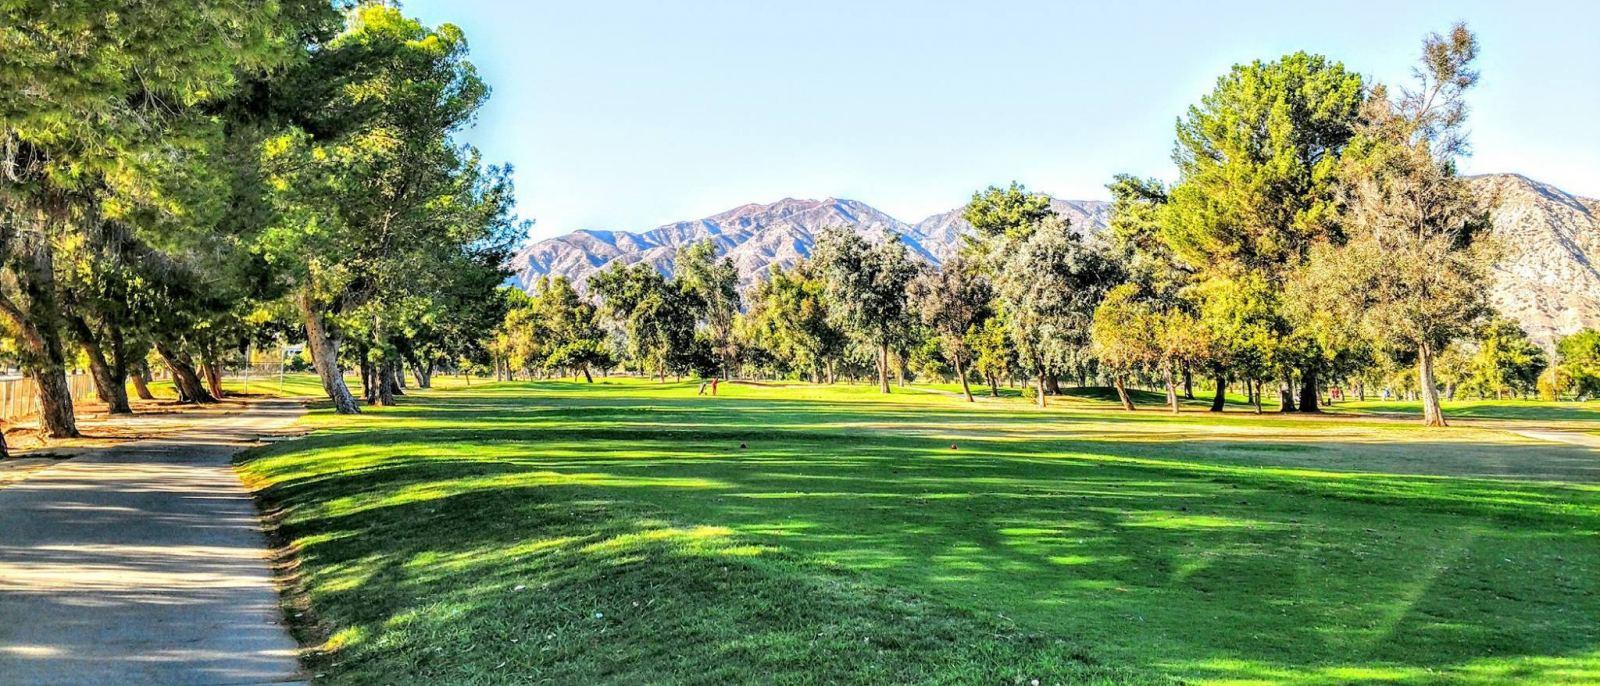 El Cariso Golf Course